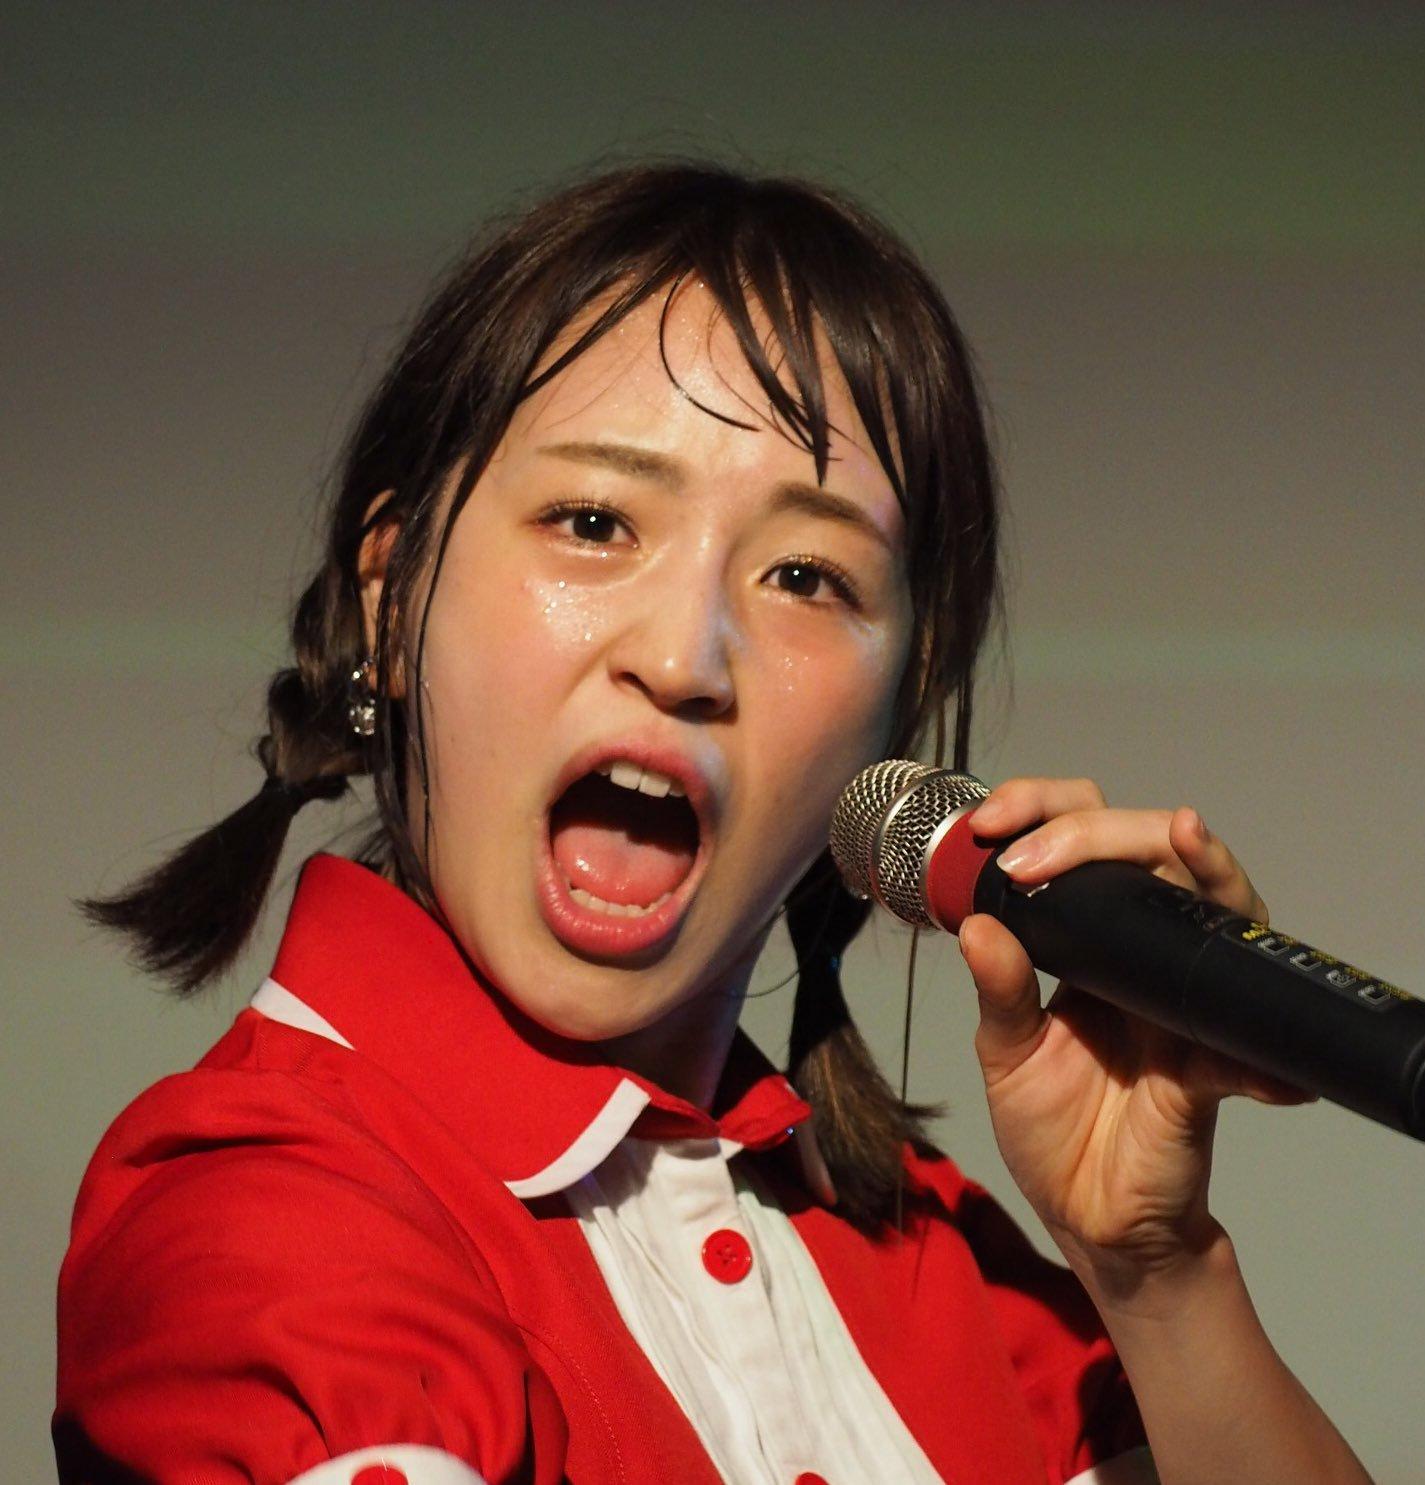 田崎礼奈の開口舌見せ (28)